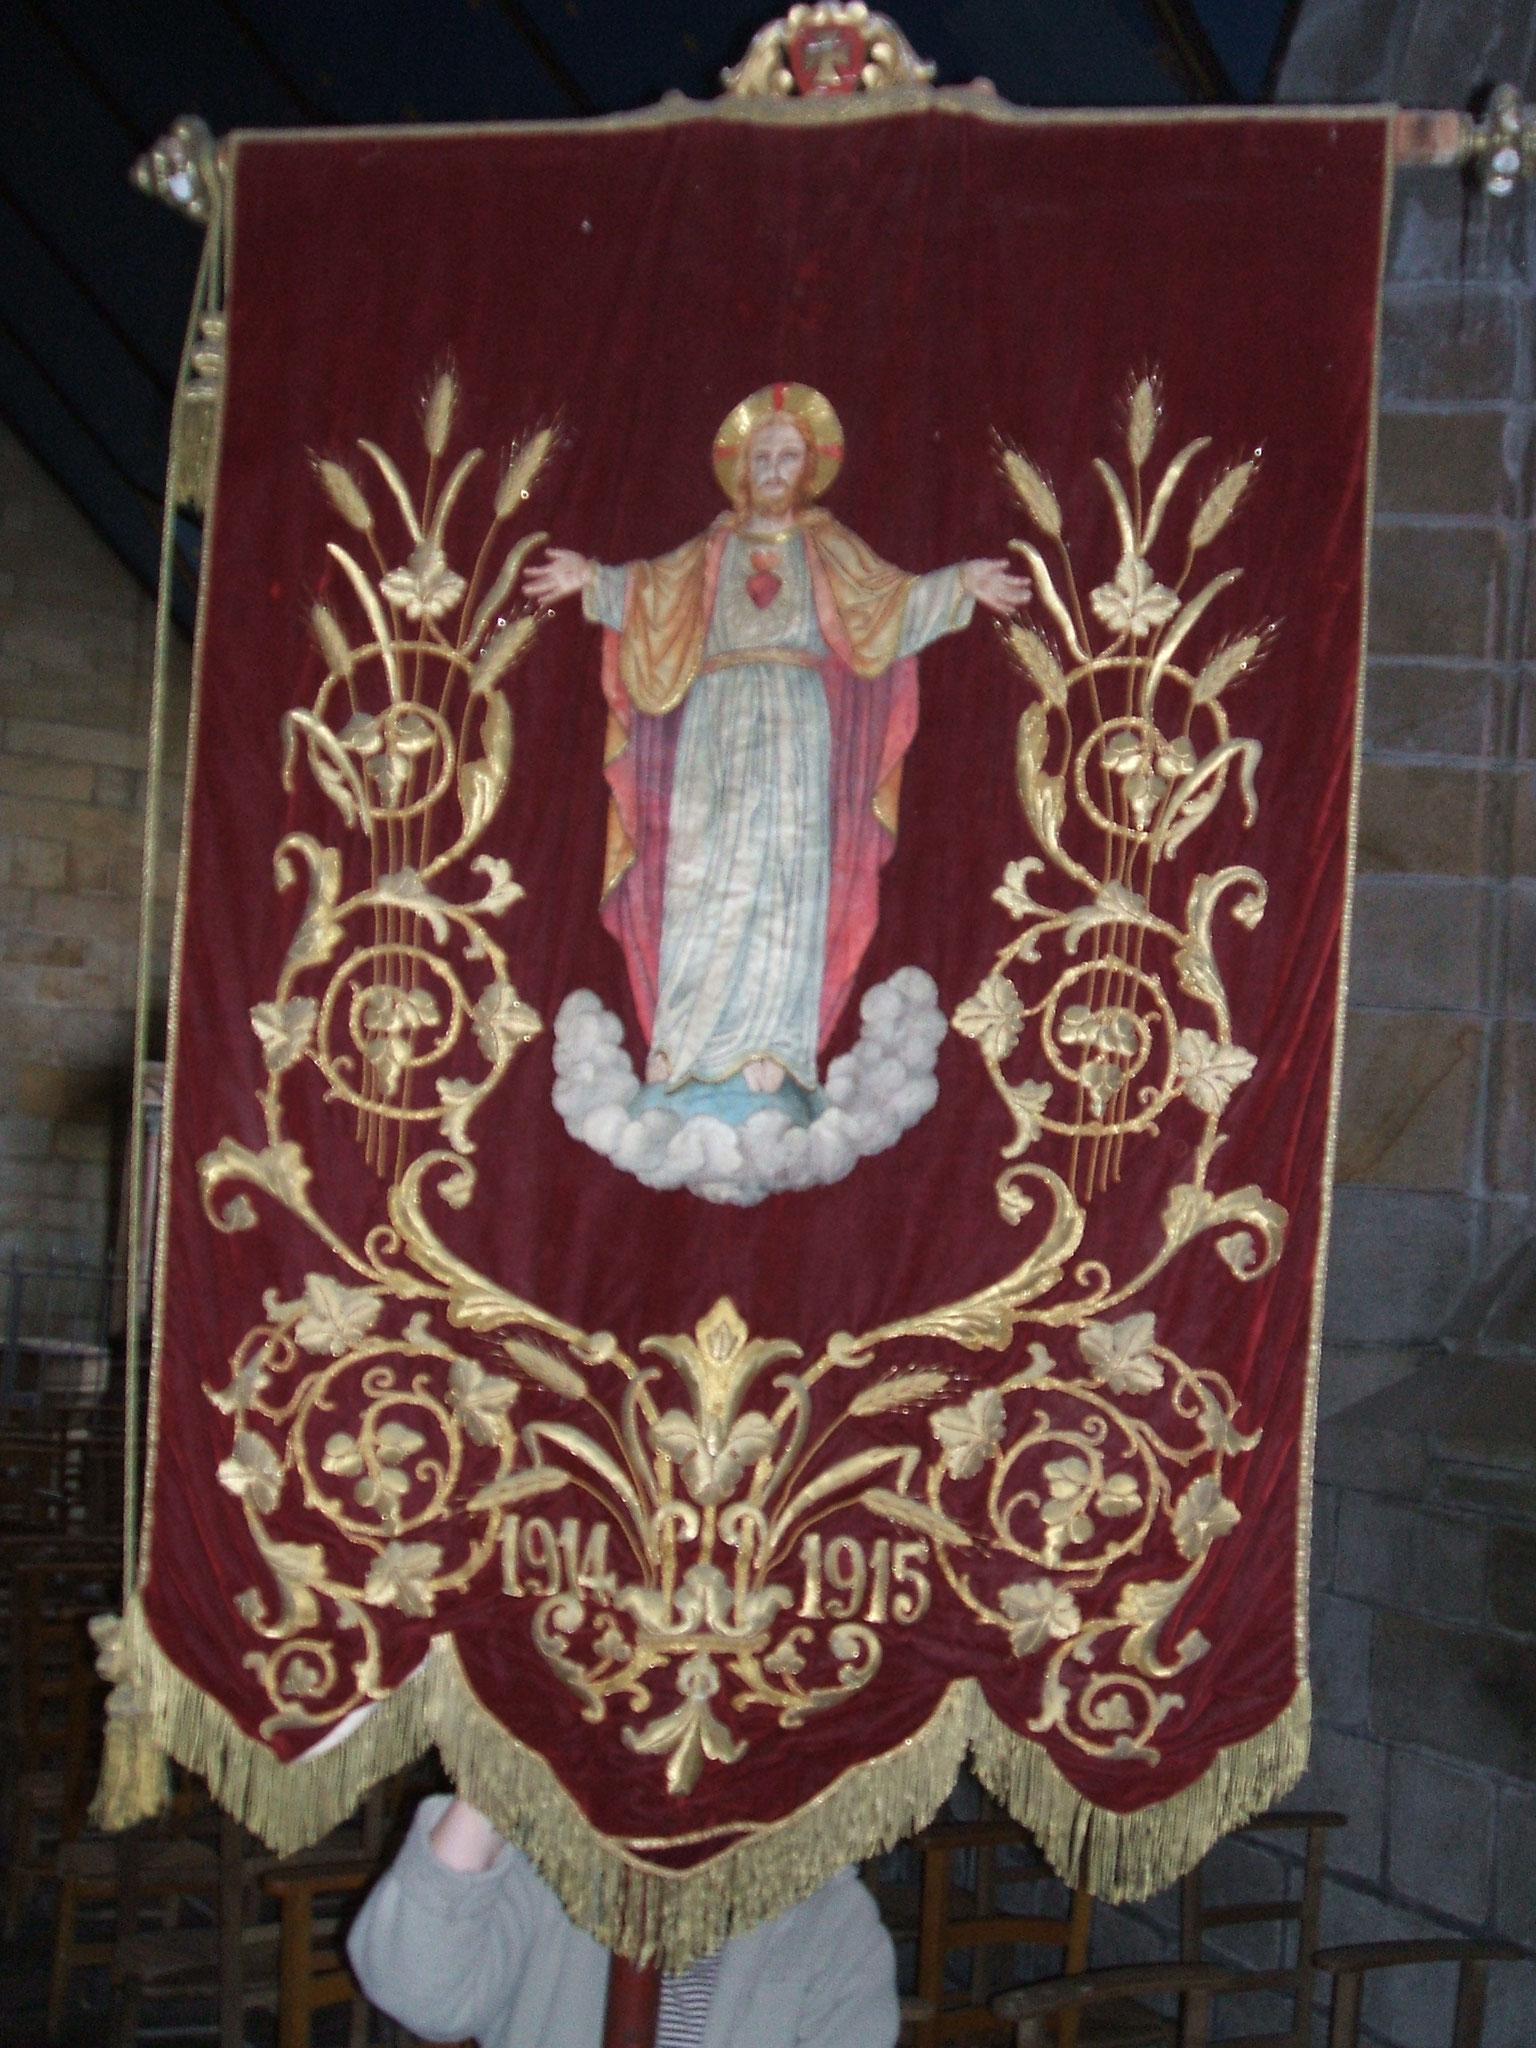 Bannière du Sacré-Cœur et Vierge 1914-1915.